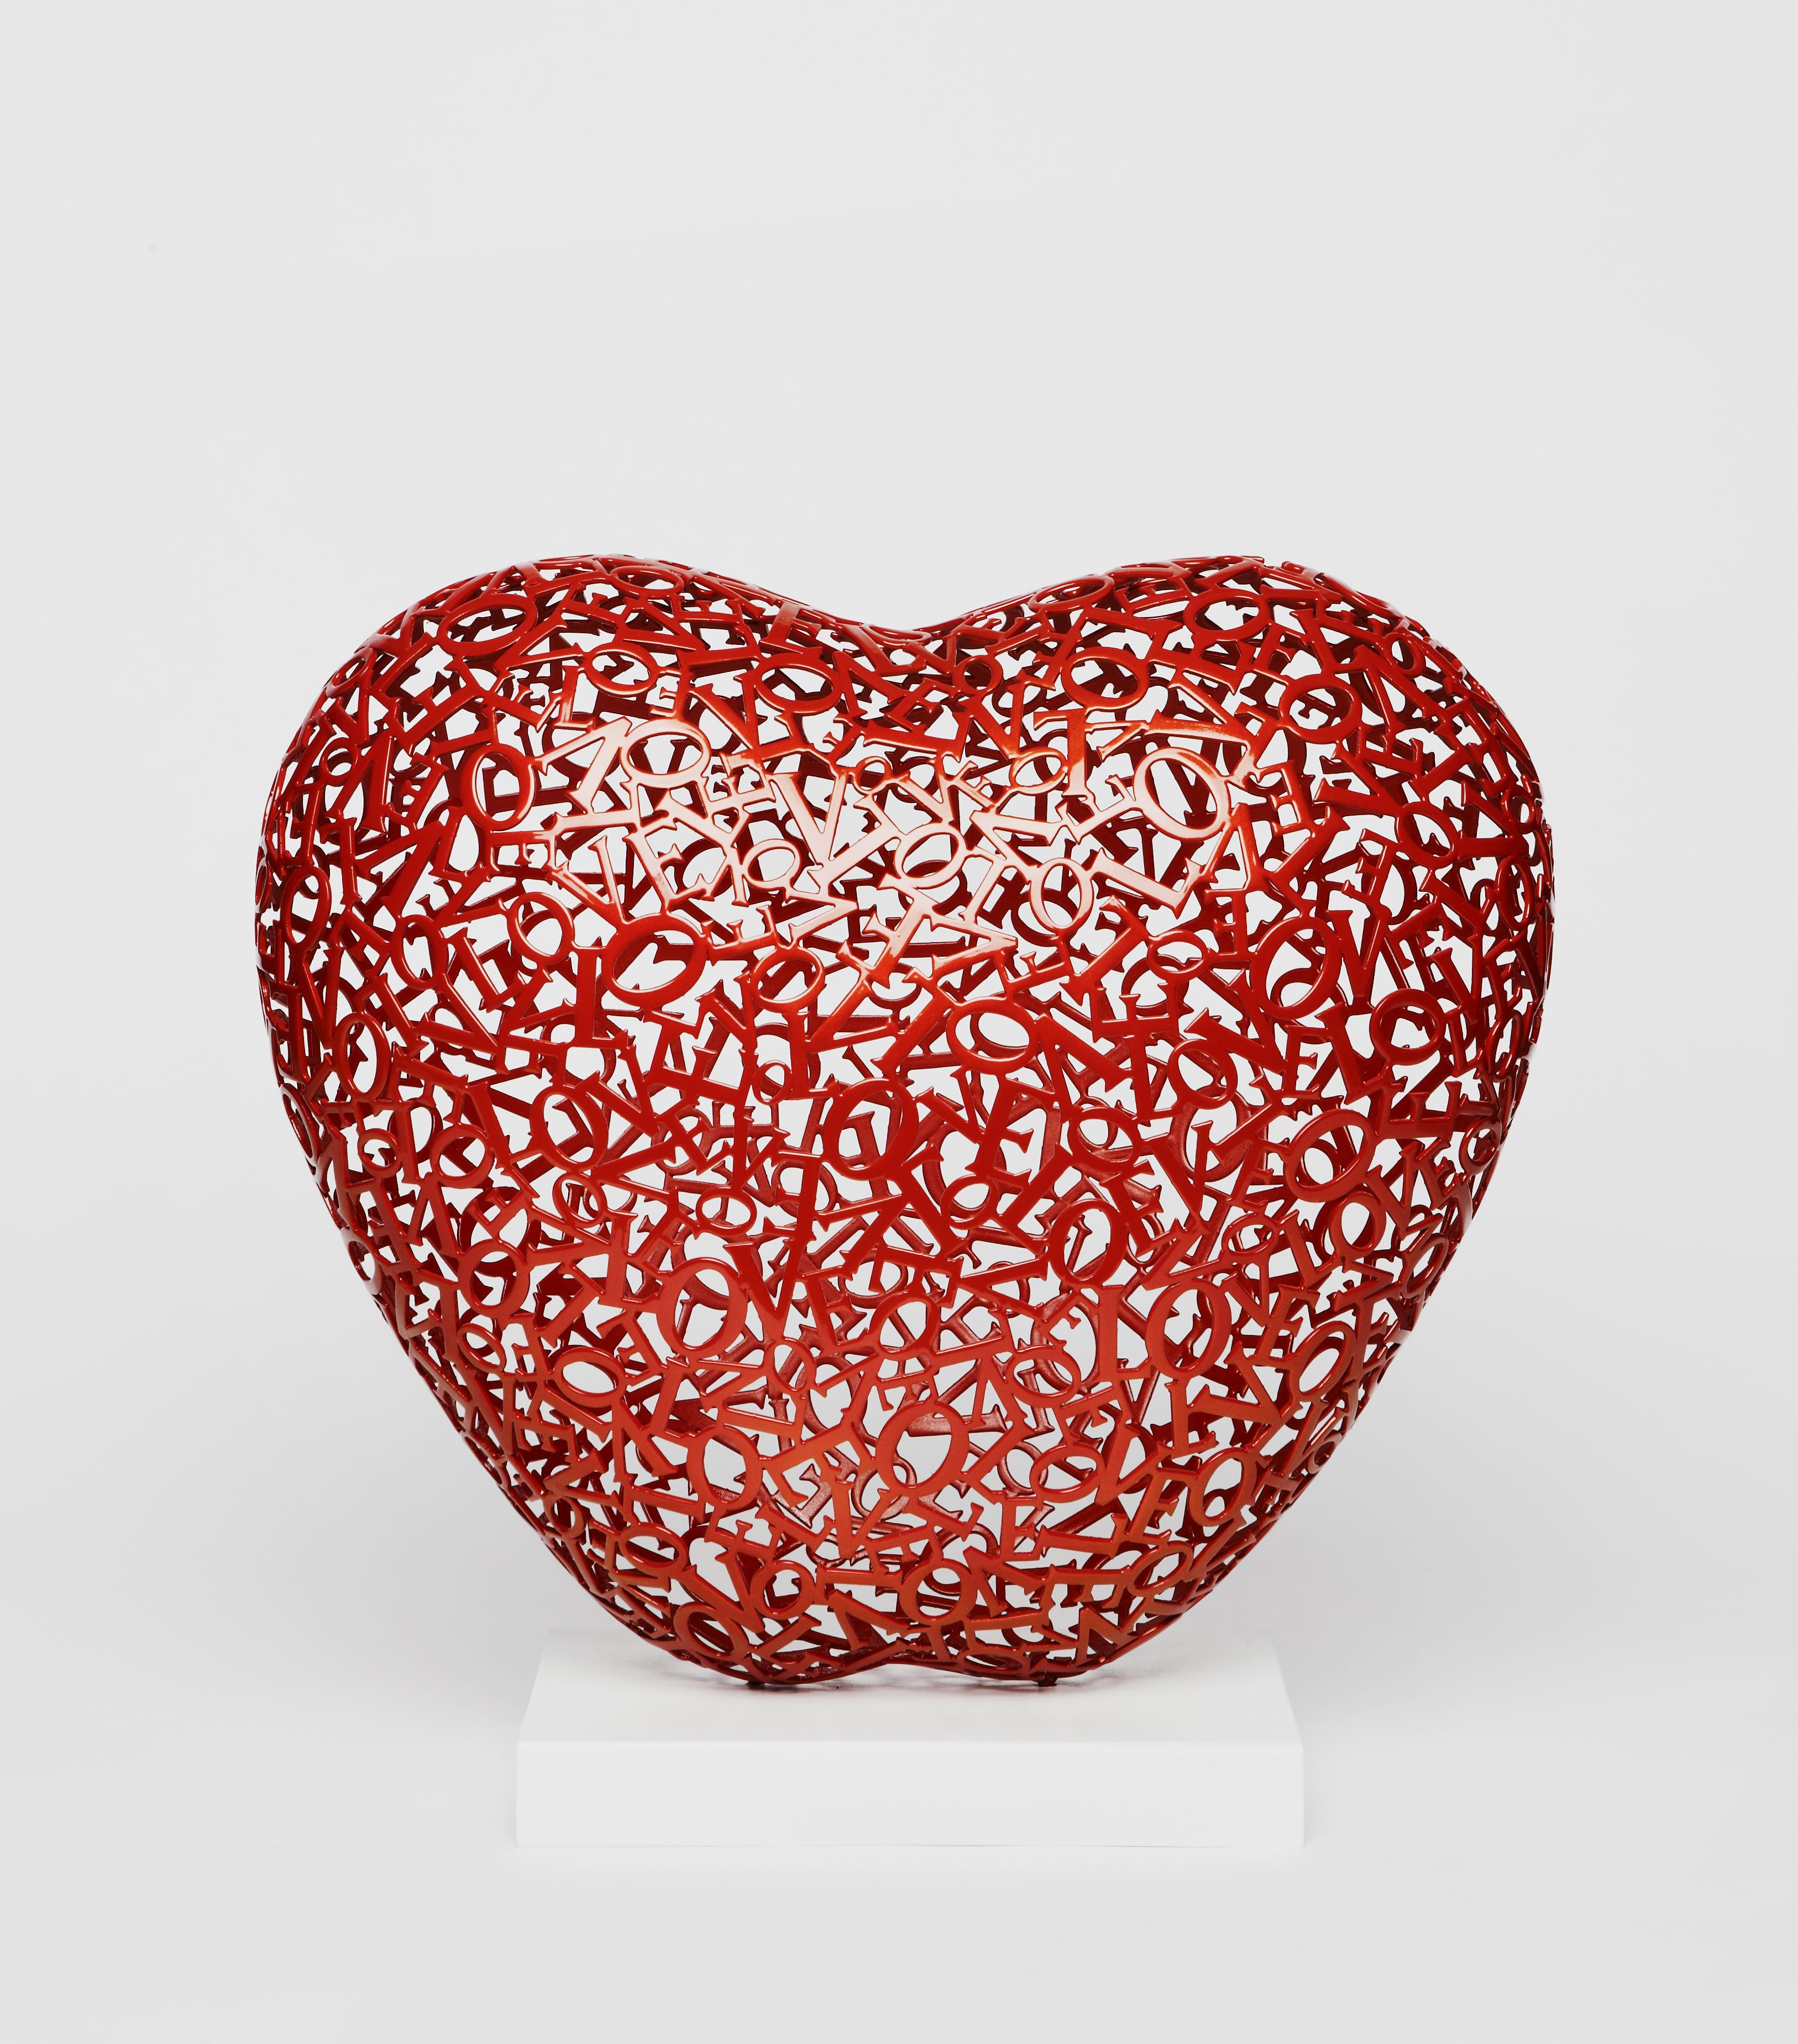 Apple-love(110511)